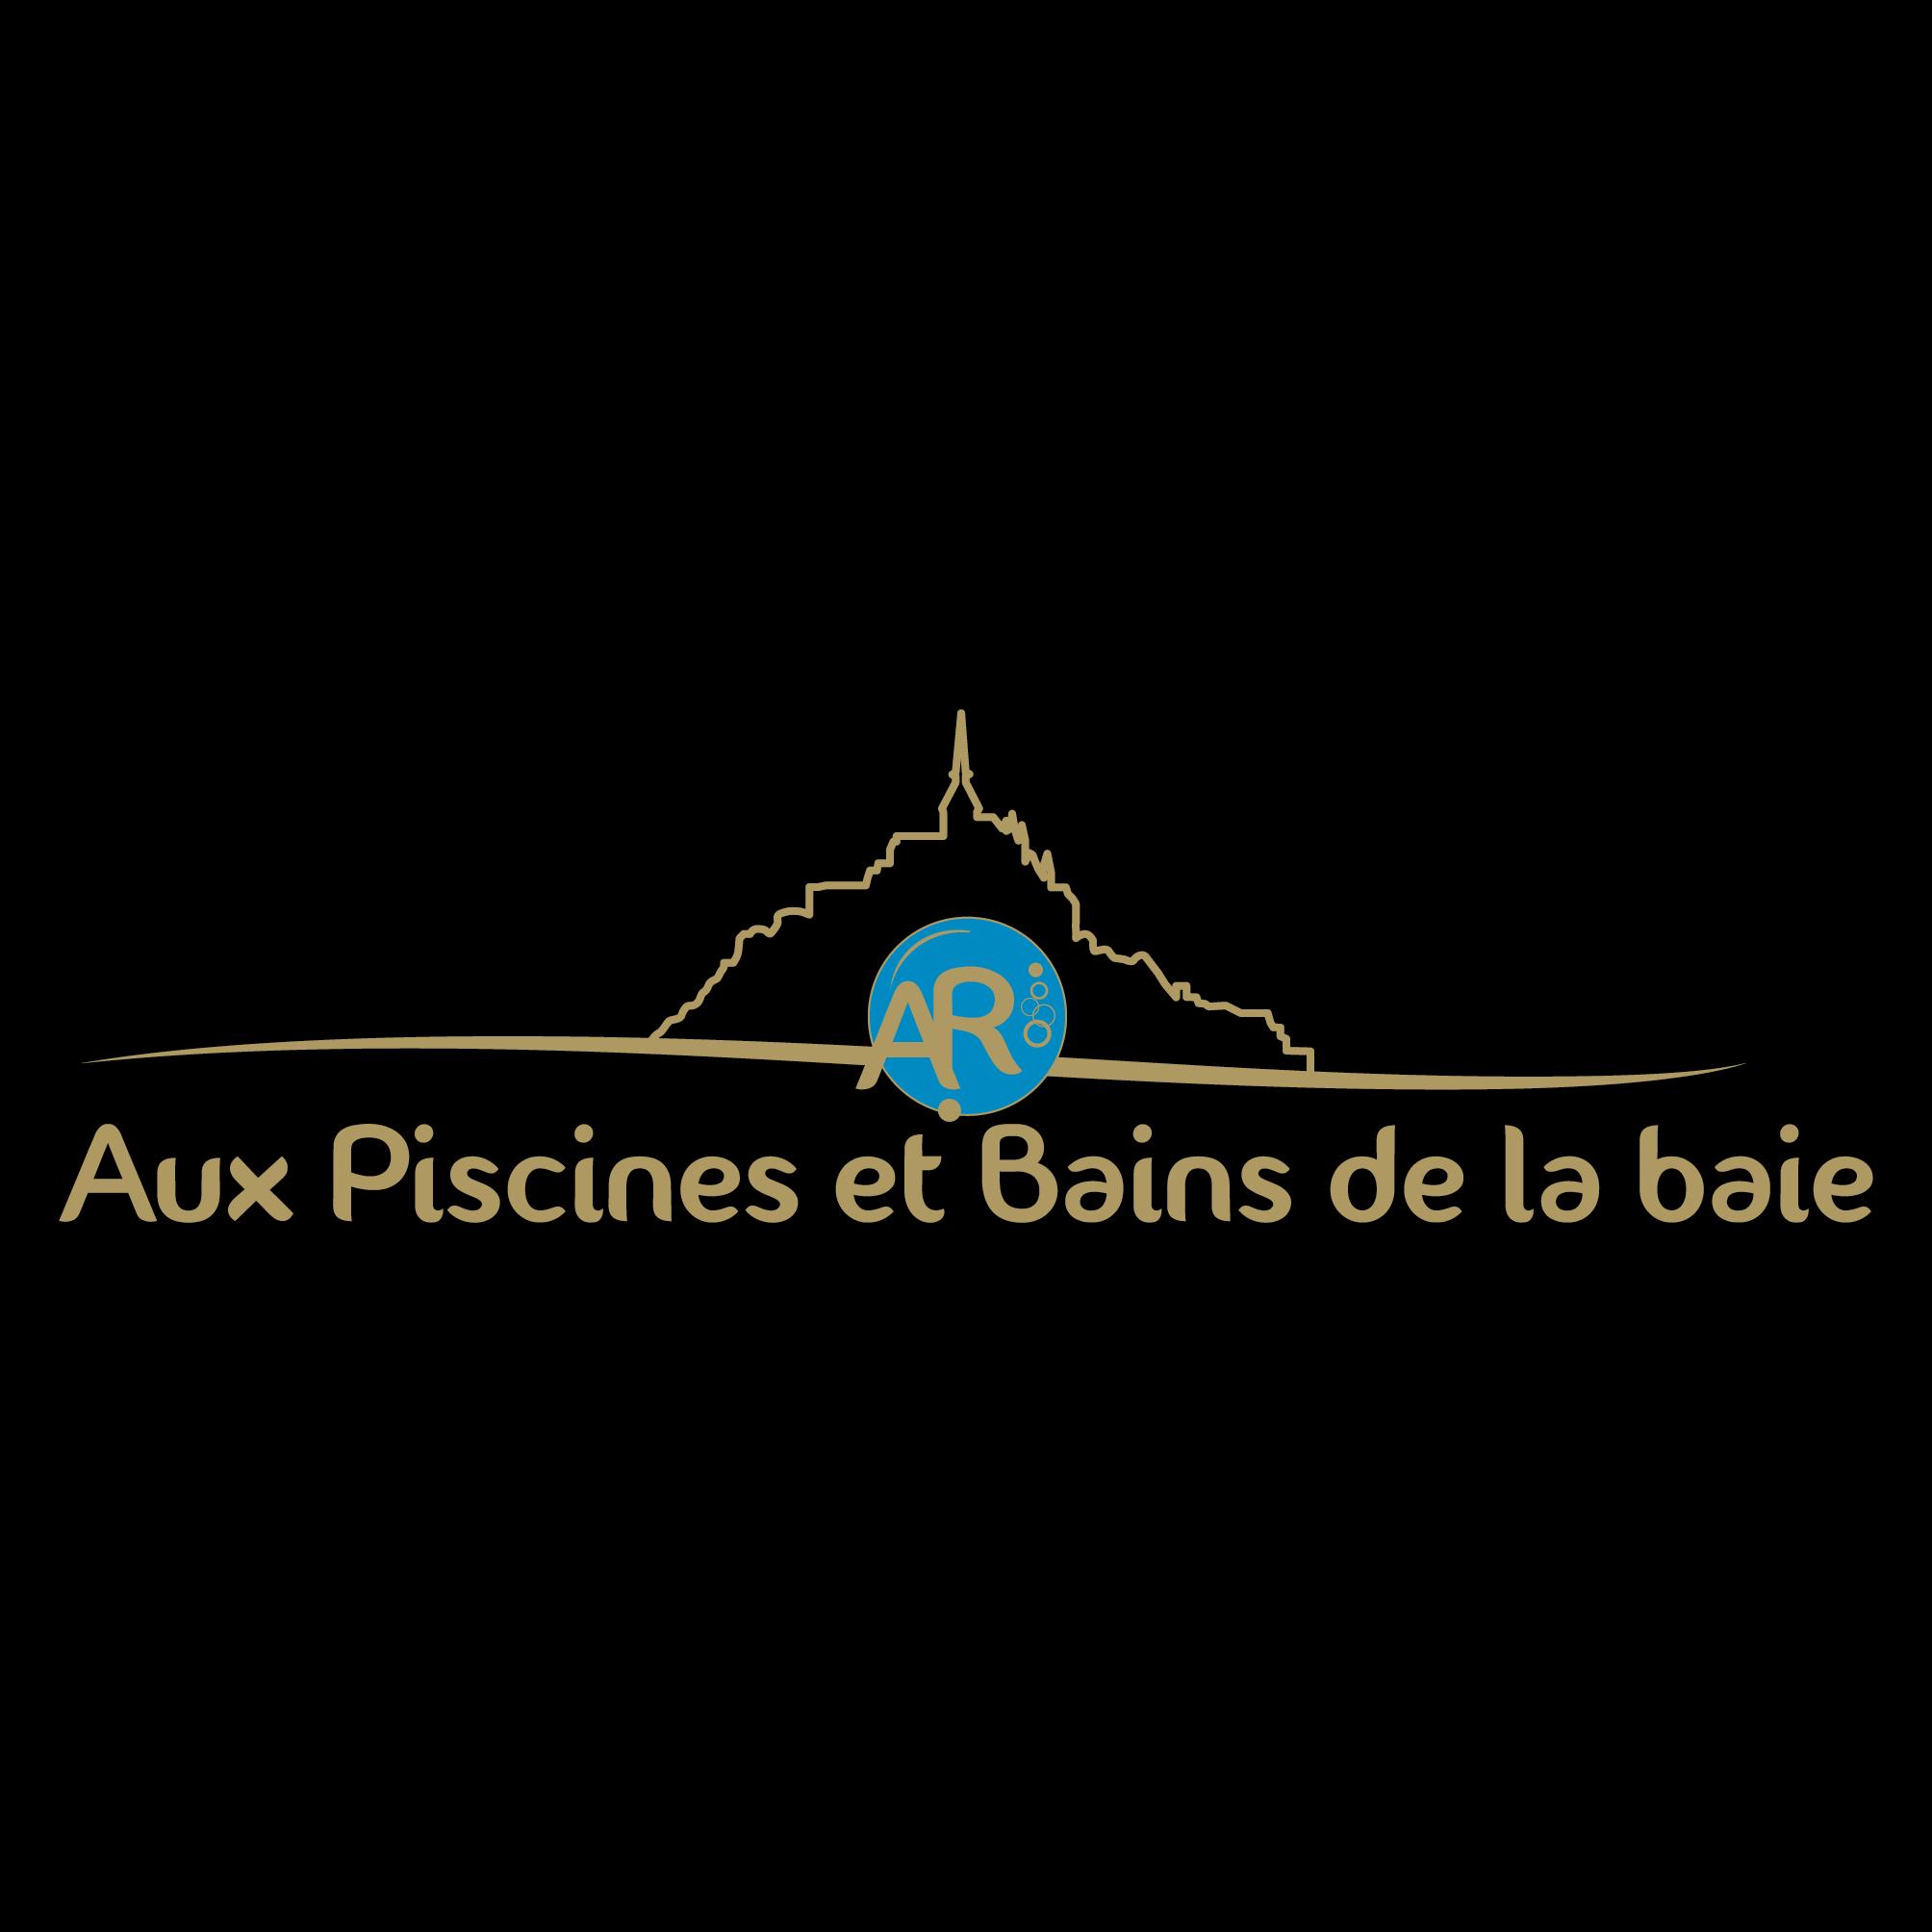 Aux Piscines et Bains de la baie - Logo